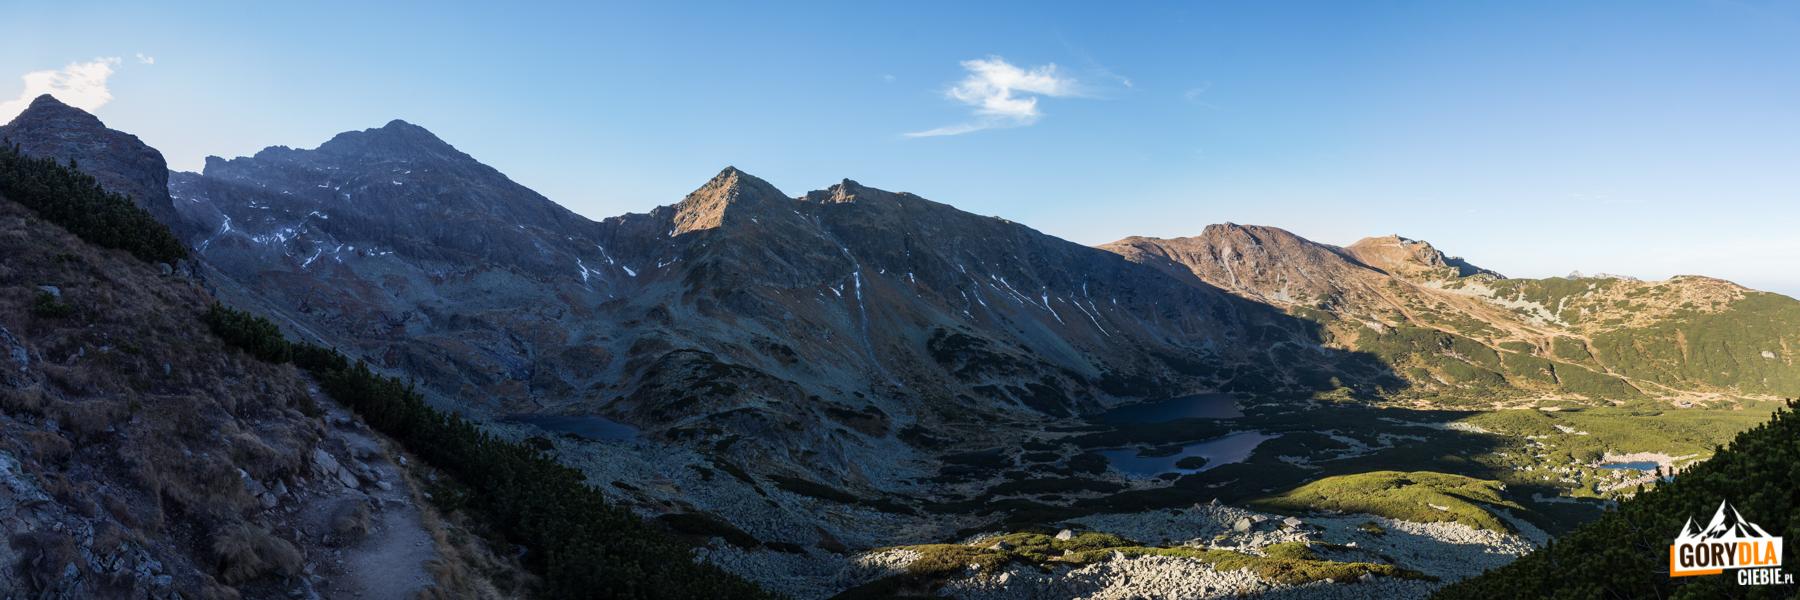 Dolina Zielona Gąsienicowa, a nad nią Świnica widziane z Małego Kościelca